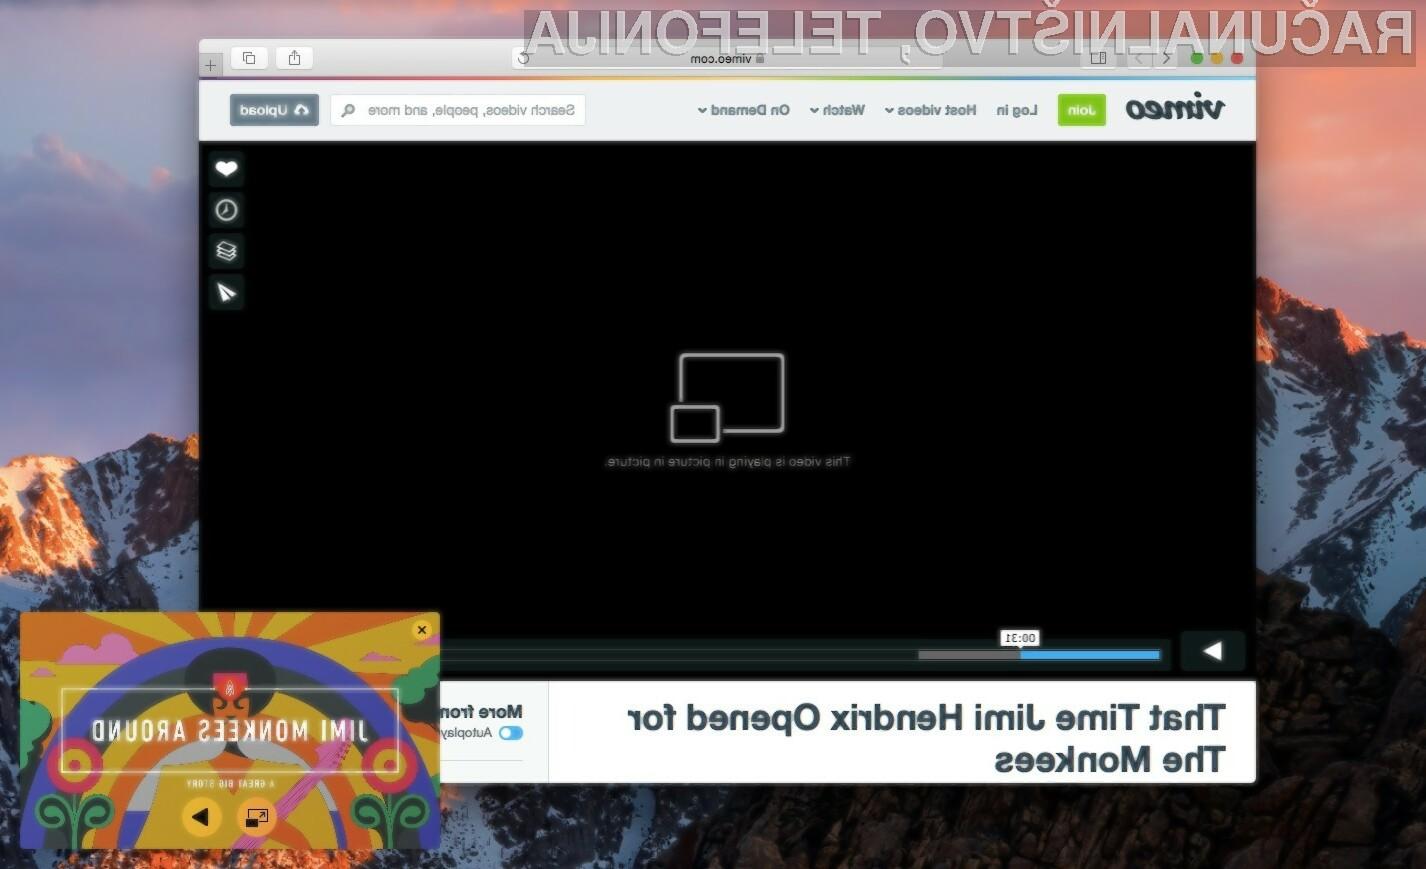 Uporaba nove možnosti »slike-v-sliki« v spletnem brskalniku Chrome 70 vas bo zagotovo navdušila!